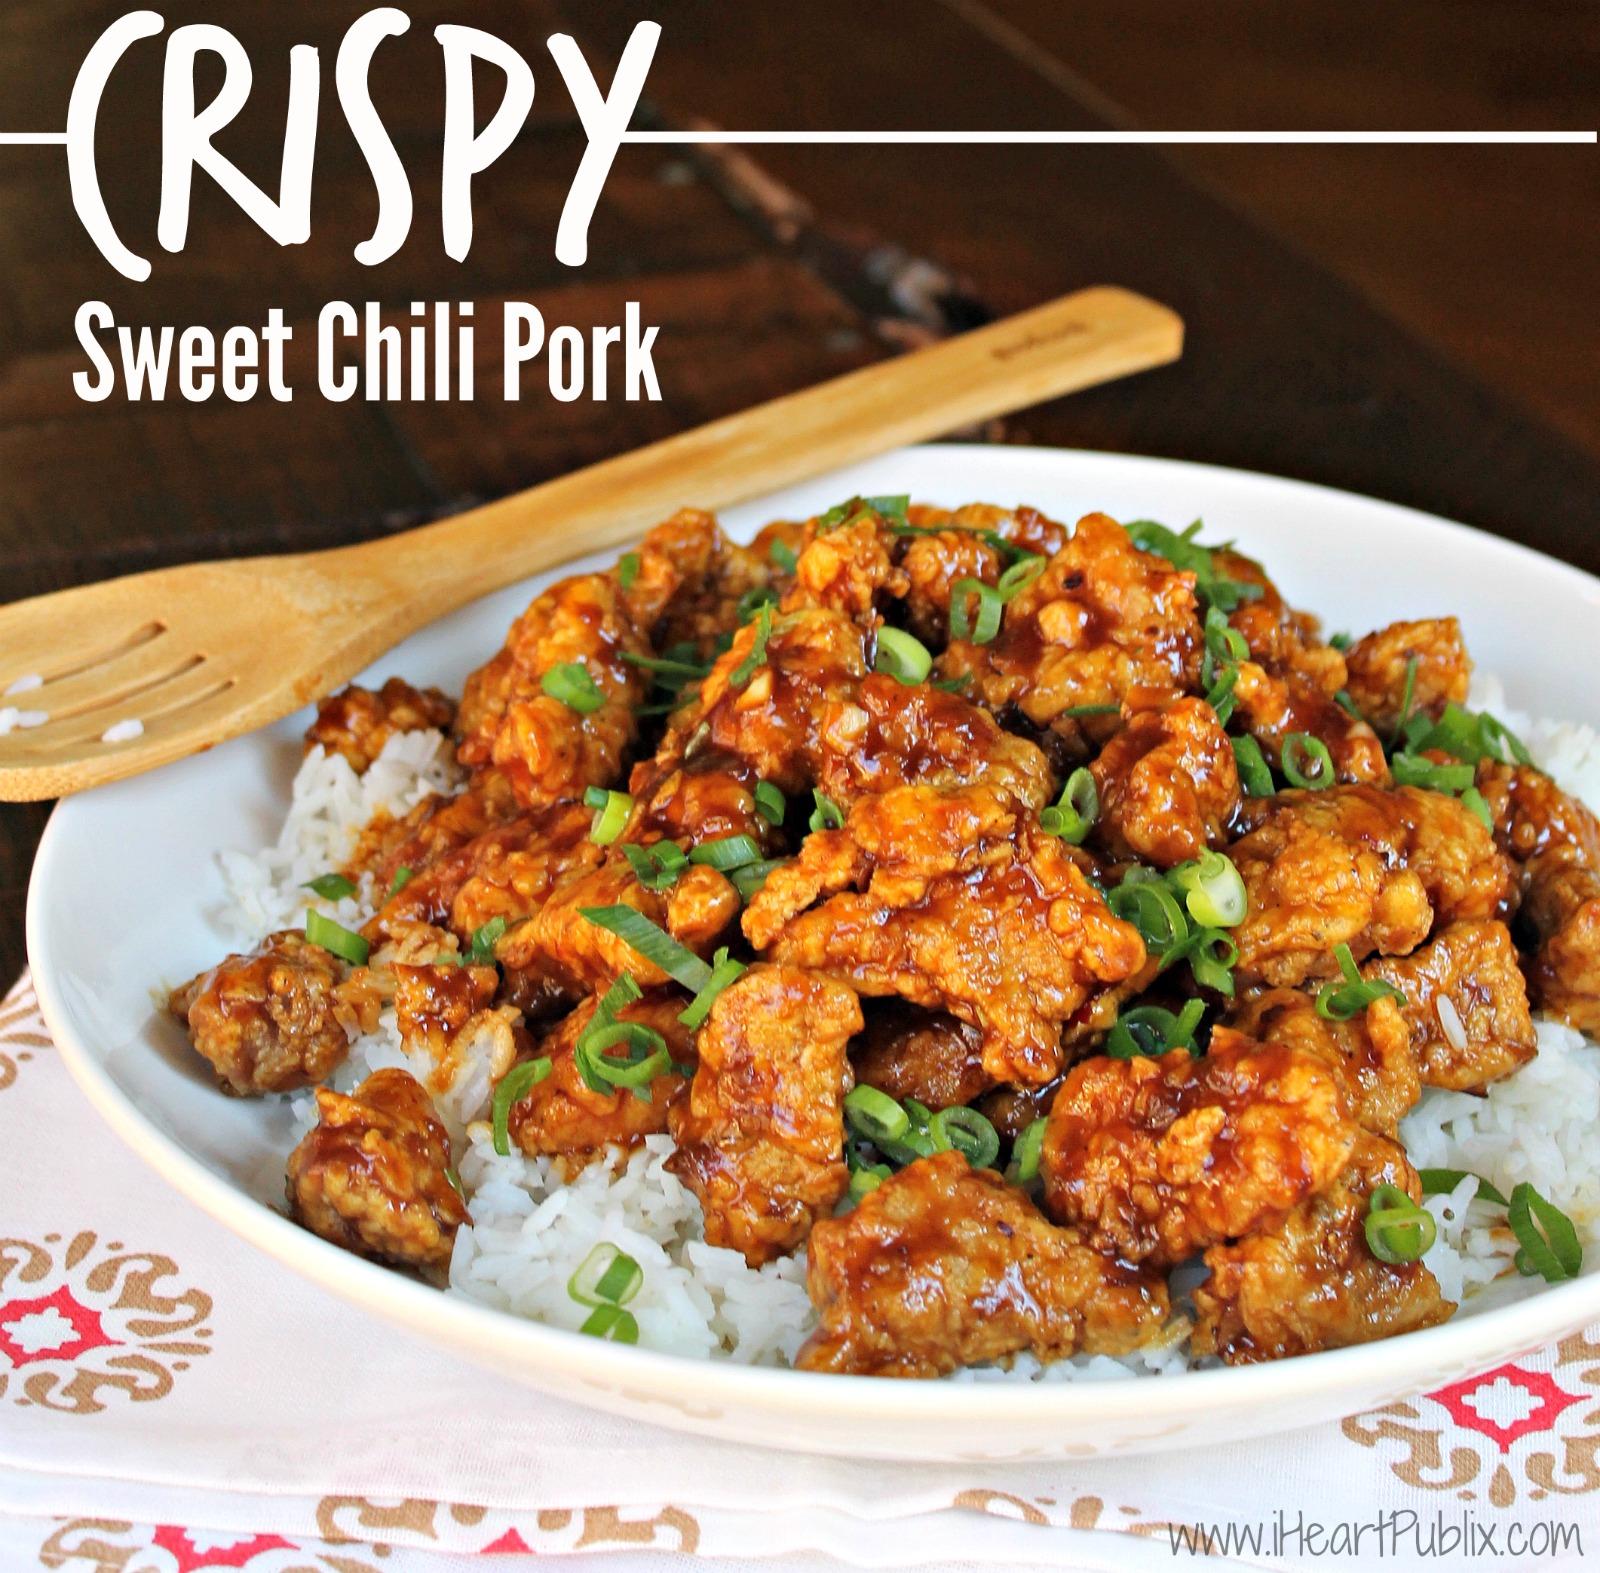 Crispy Sweet Chili Pork